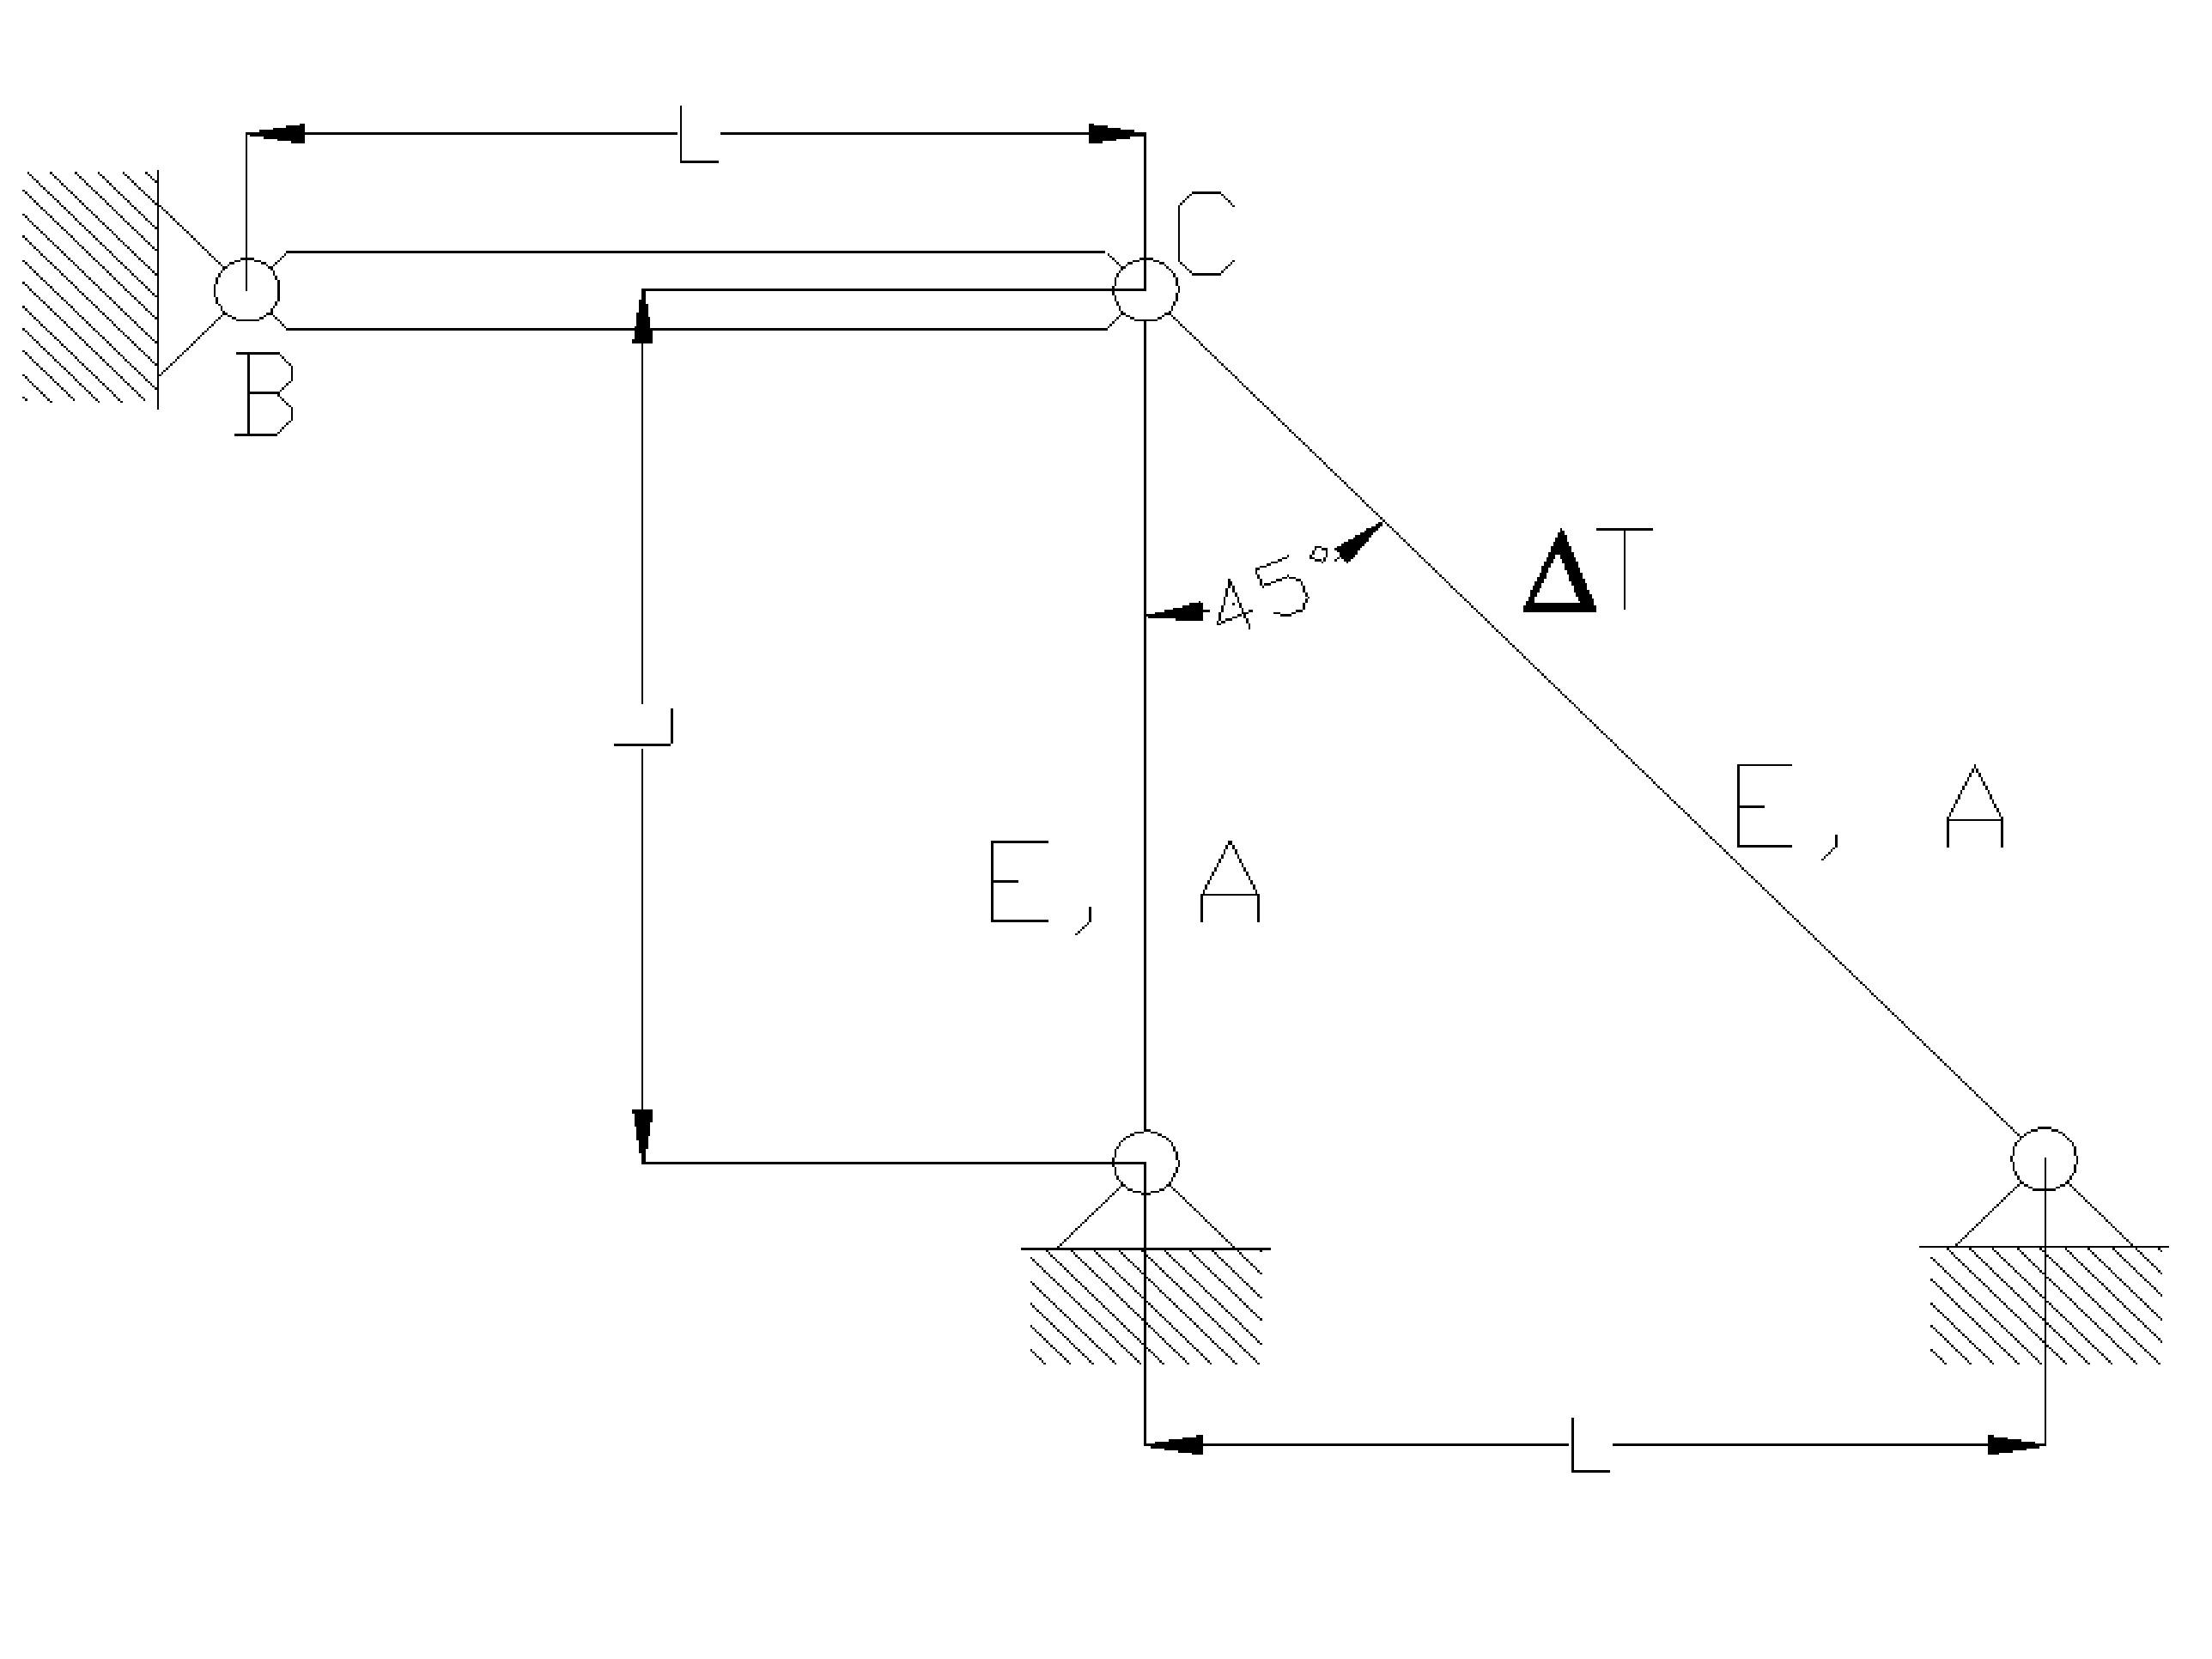 rozciaganie6 - Odkształcenie temperaturowe i układ statycznie niewyznaczalny - wytrzymałość - zadanie 18